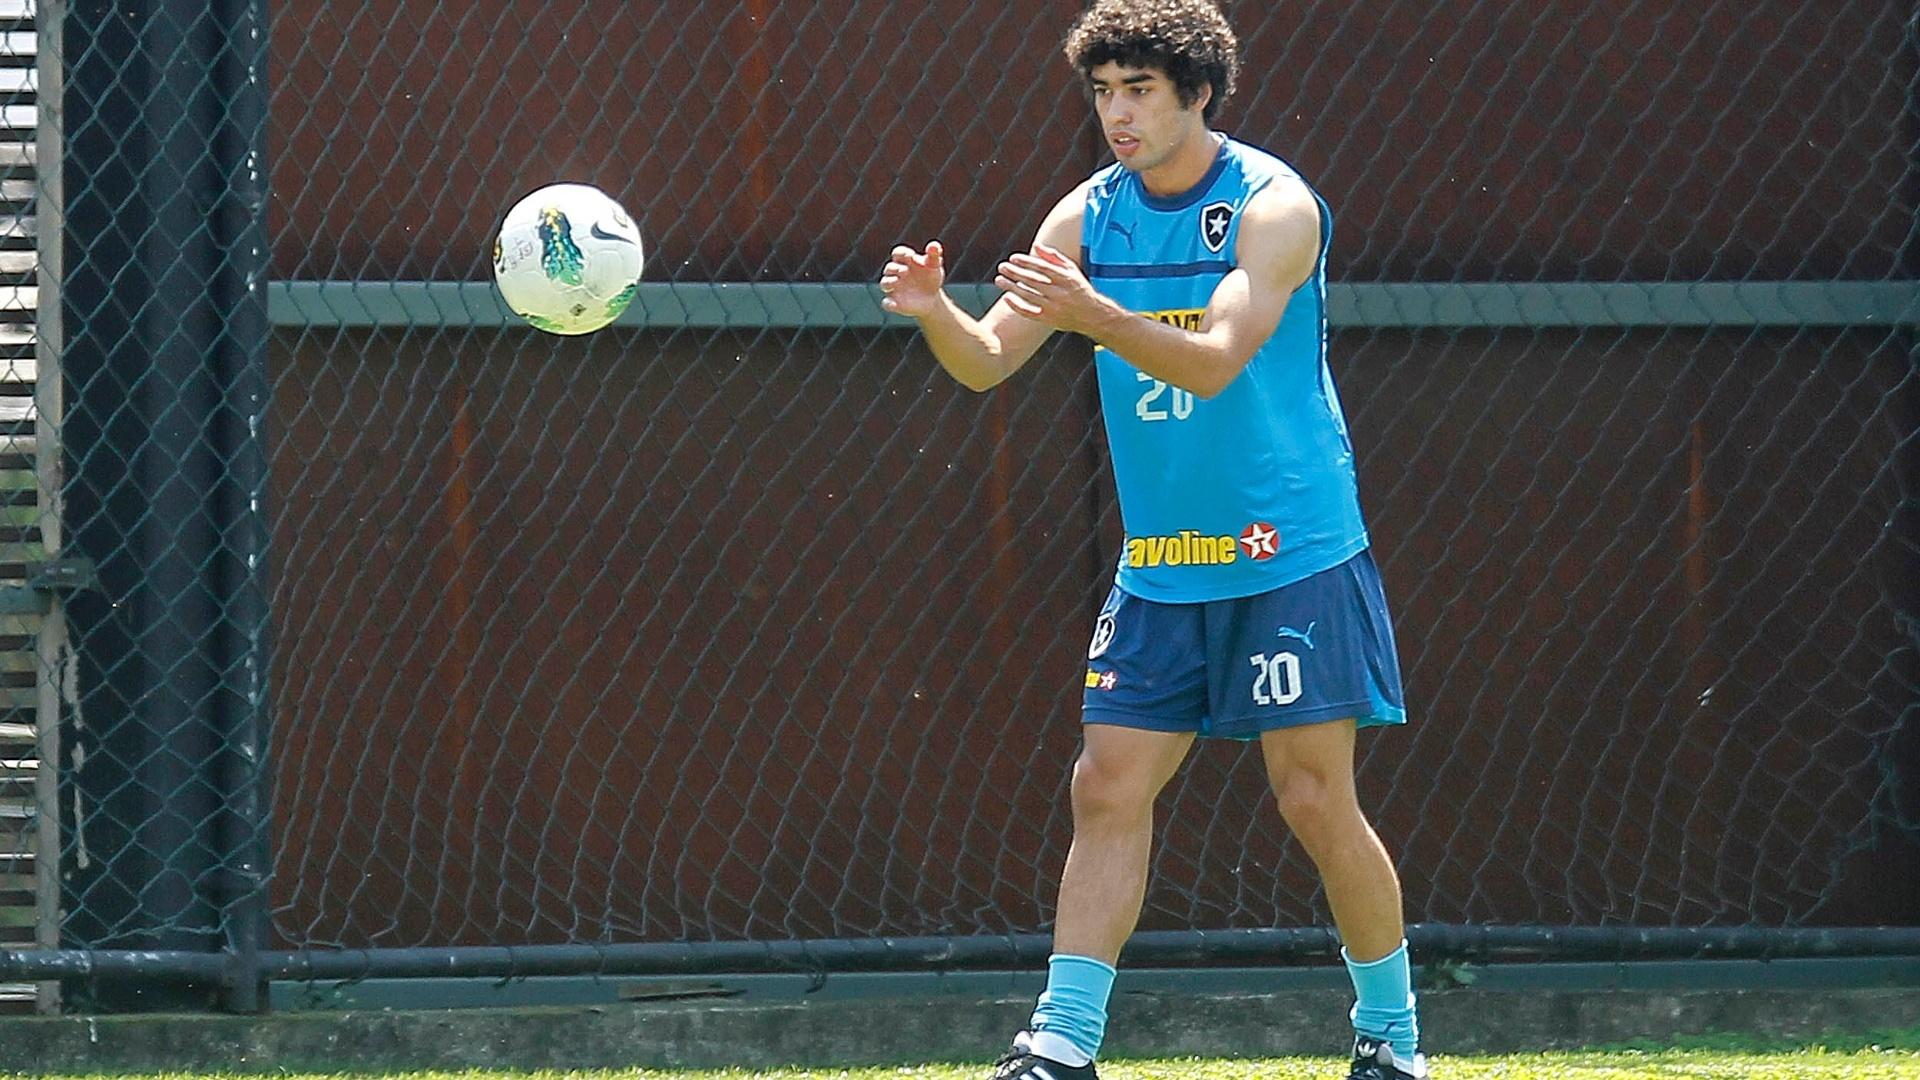 Ex-zagueiro processa Guarani por dívida e pode tirar Bruno Mendes do  Botafogo - 09 11 2012 - UOL Esporte bd41af15eeab8